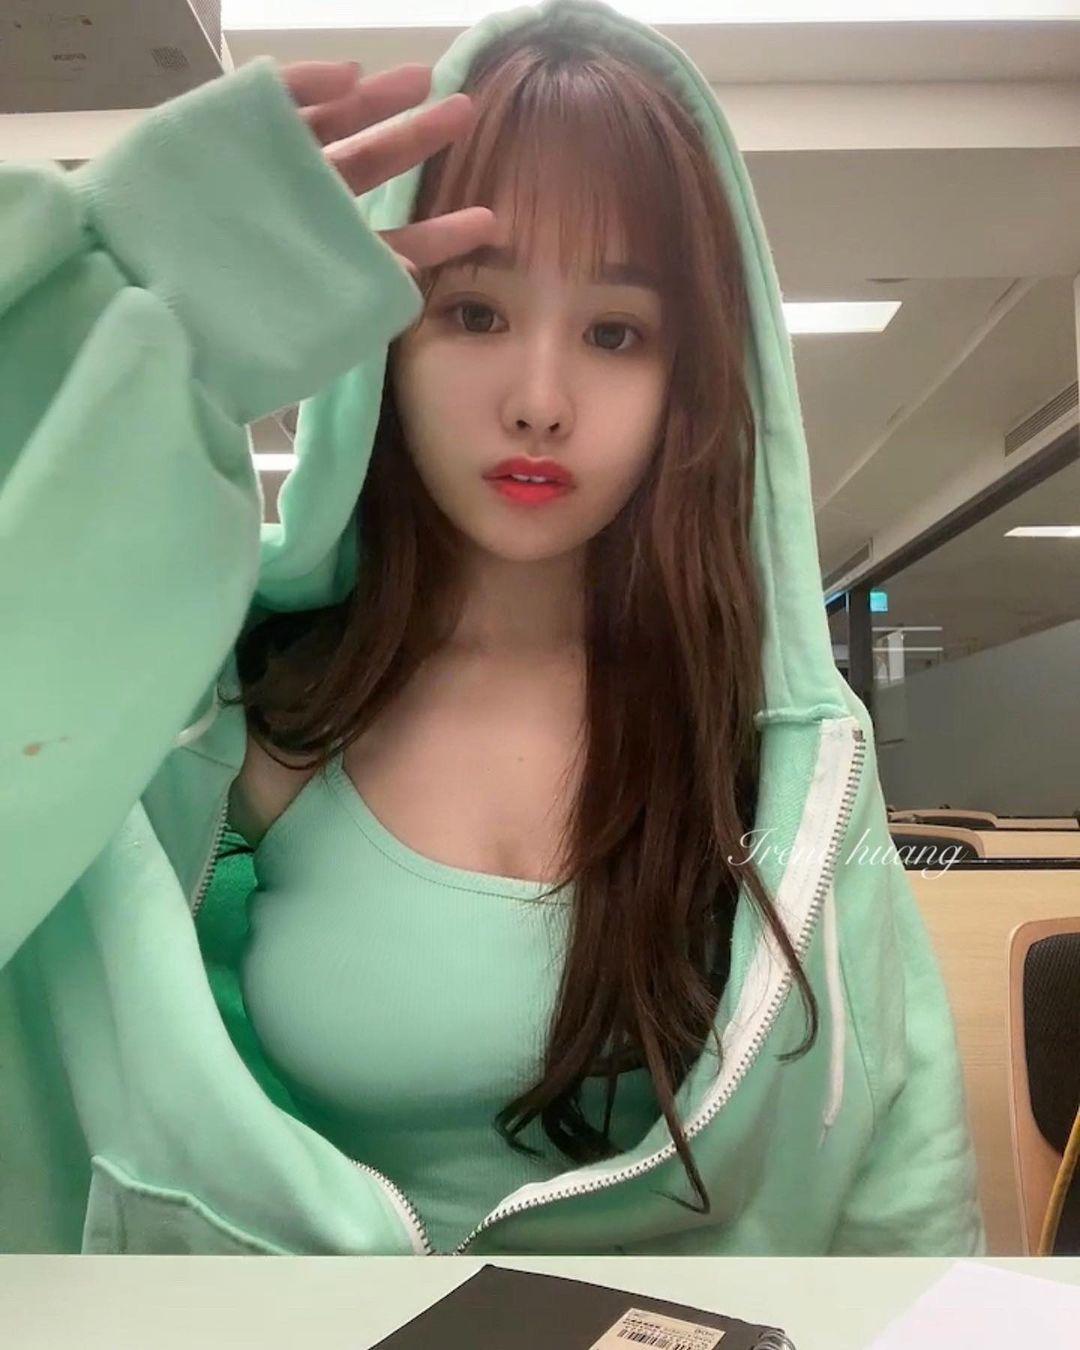 师范大学甜美美女「IreneHuang」玲珑有致好身材 养眼图片 第14张